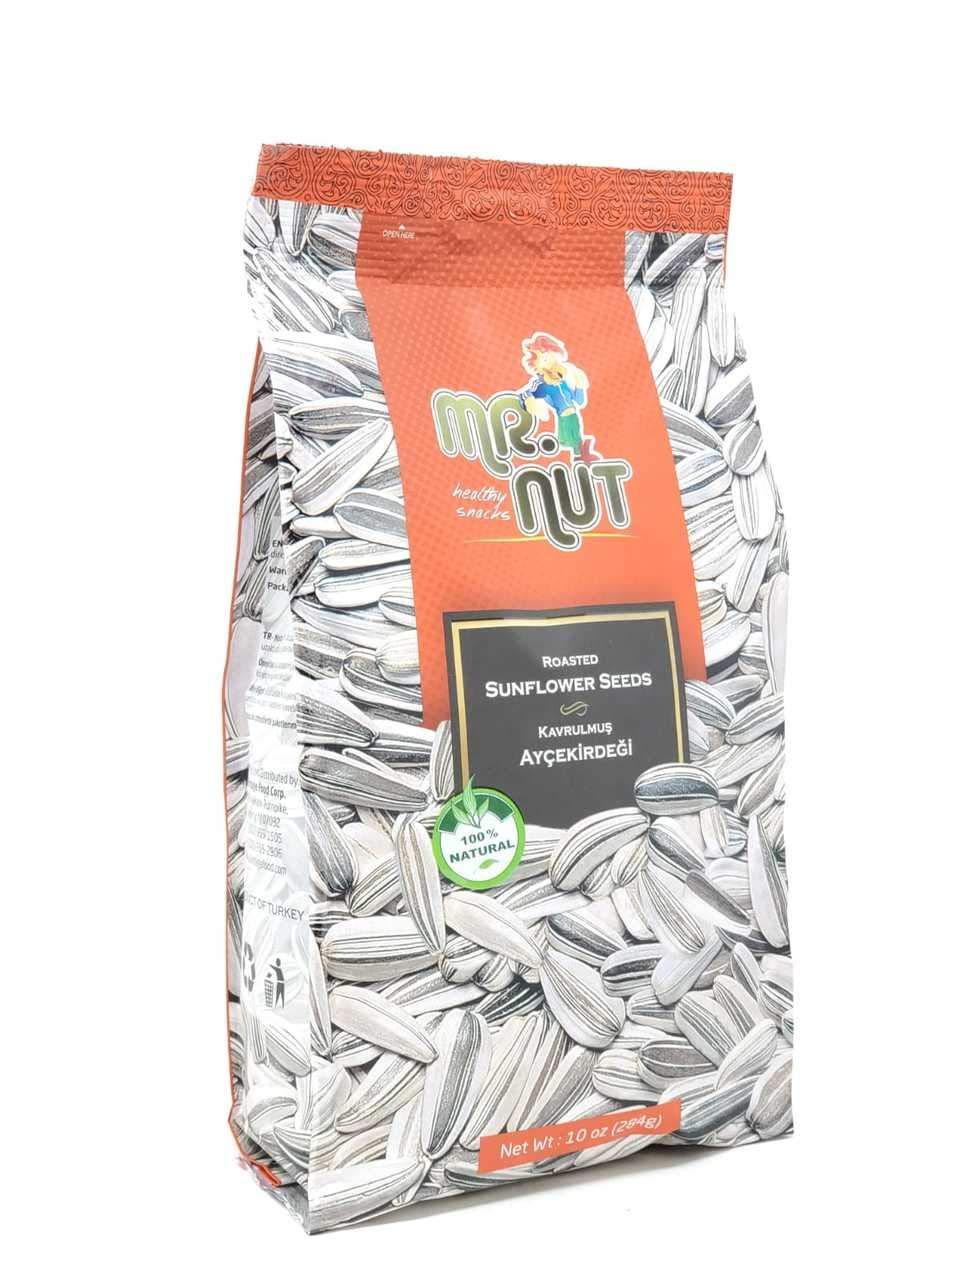 Mr Nut Roasted Sunflower Seed -2 Pack-